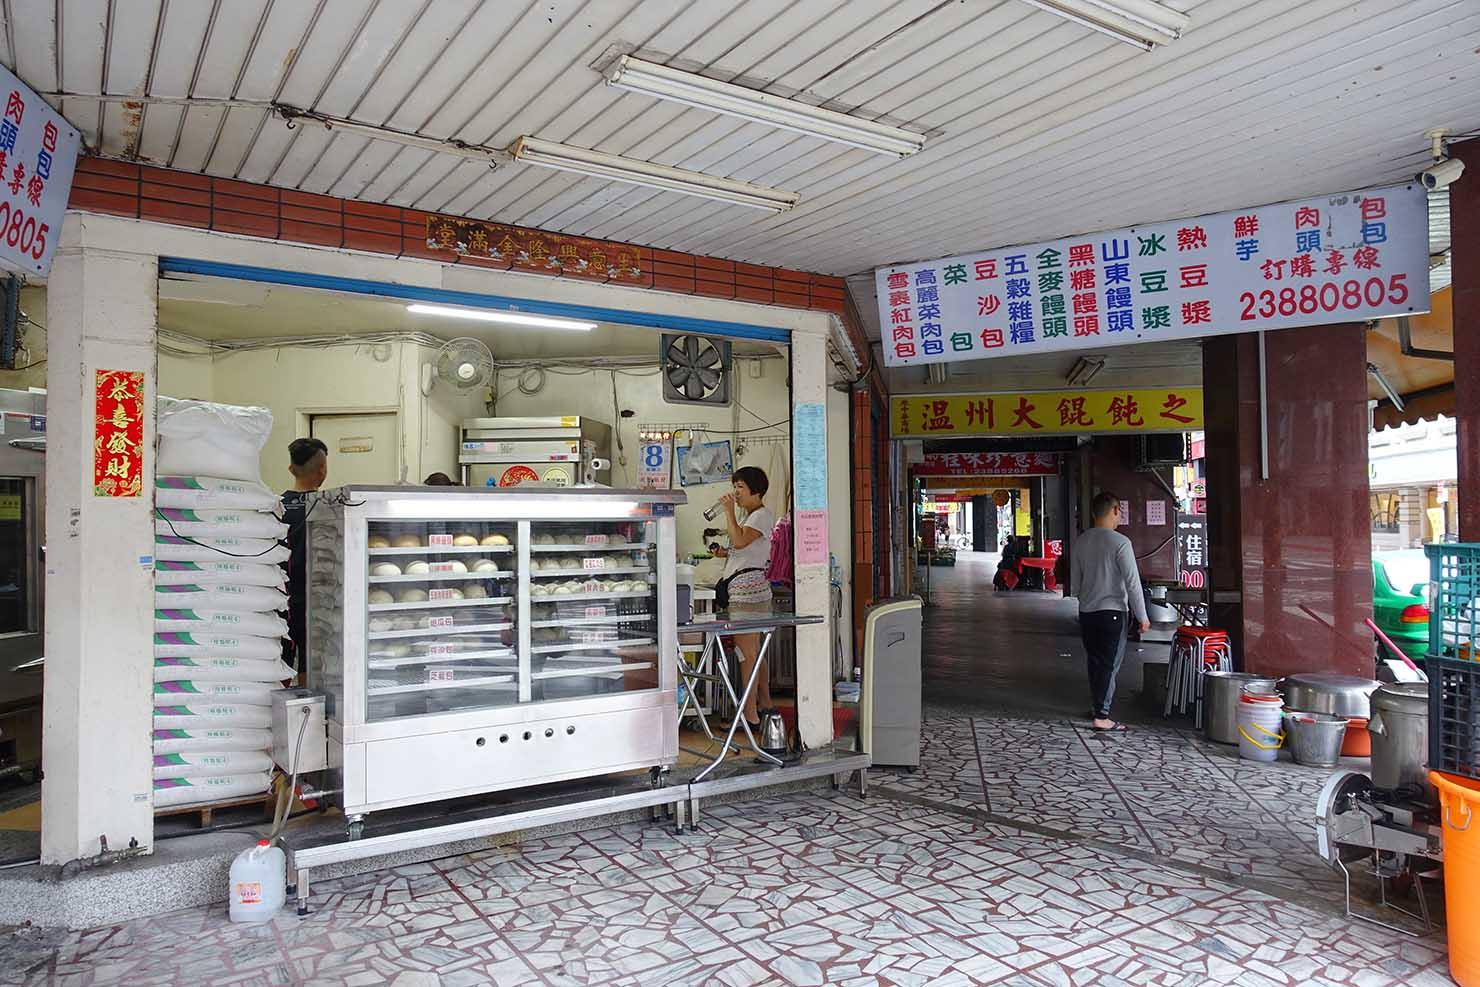 台北・西門町のおすすめ朝ごはん屋さん「大阿姨手工包子」の軒先